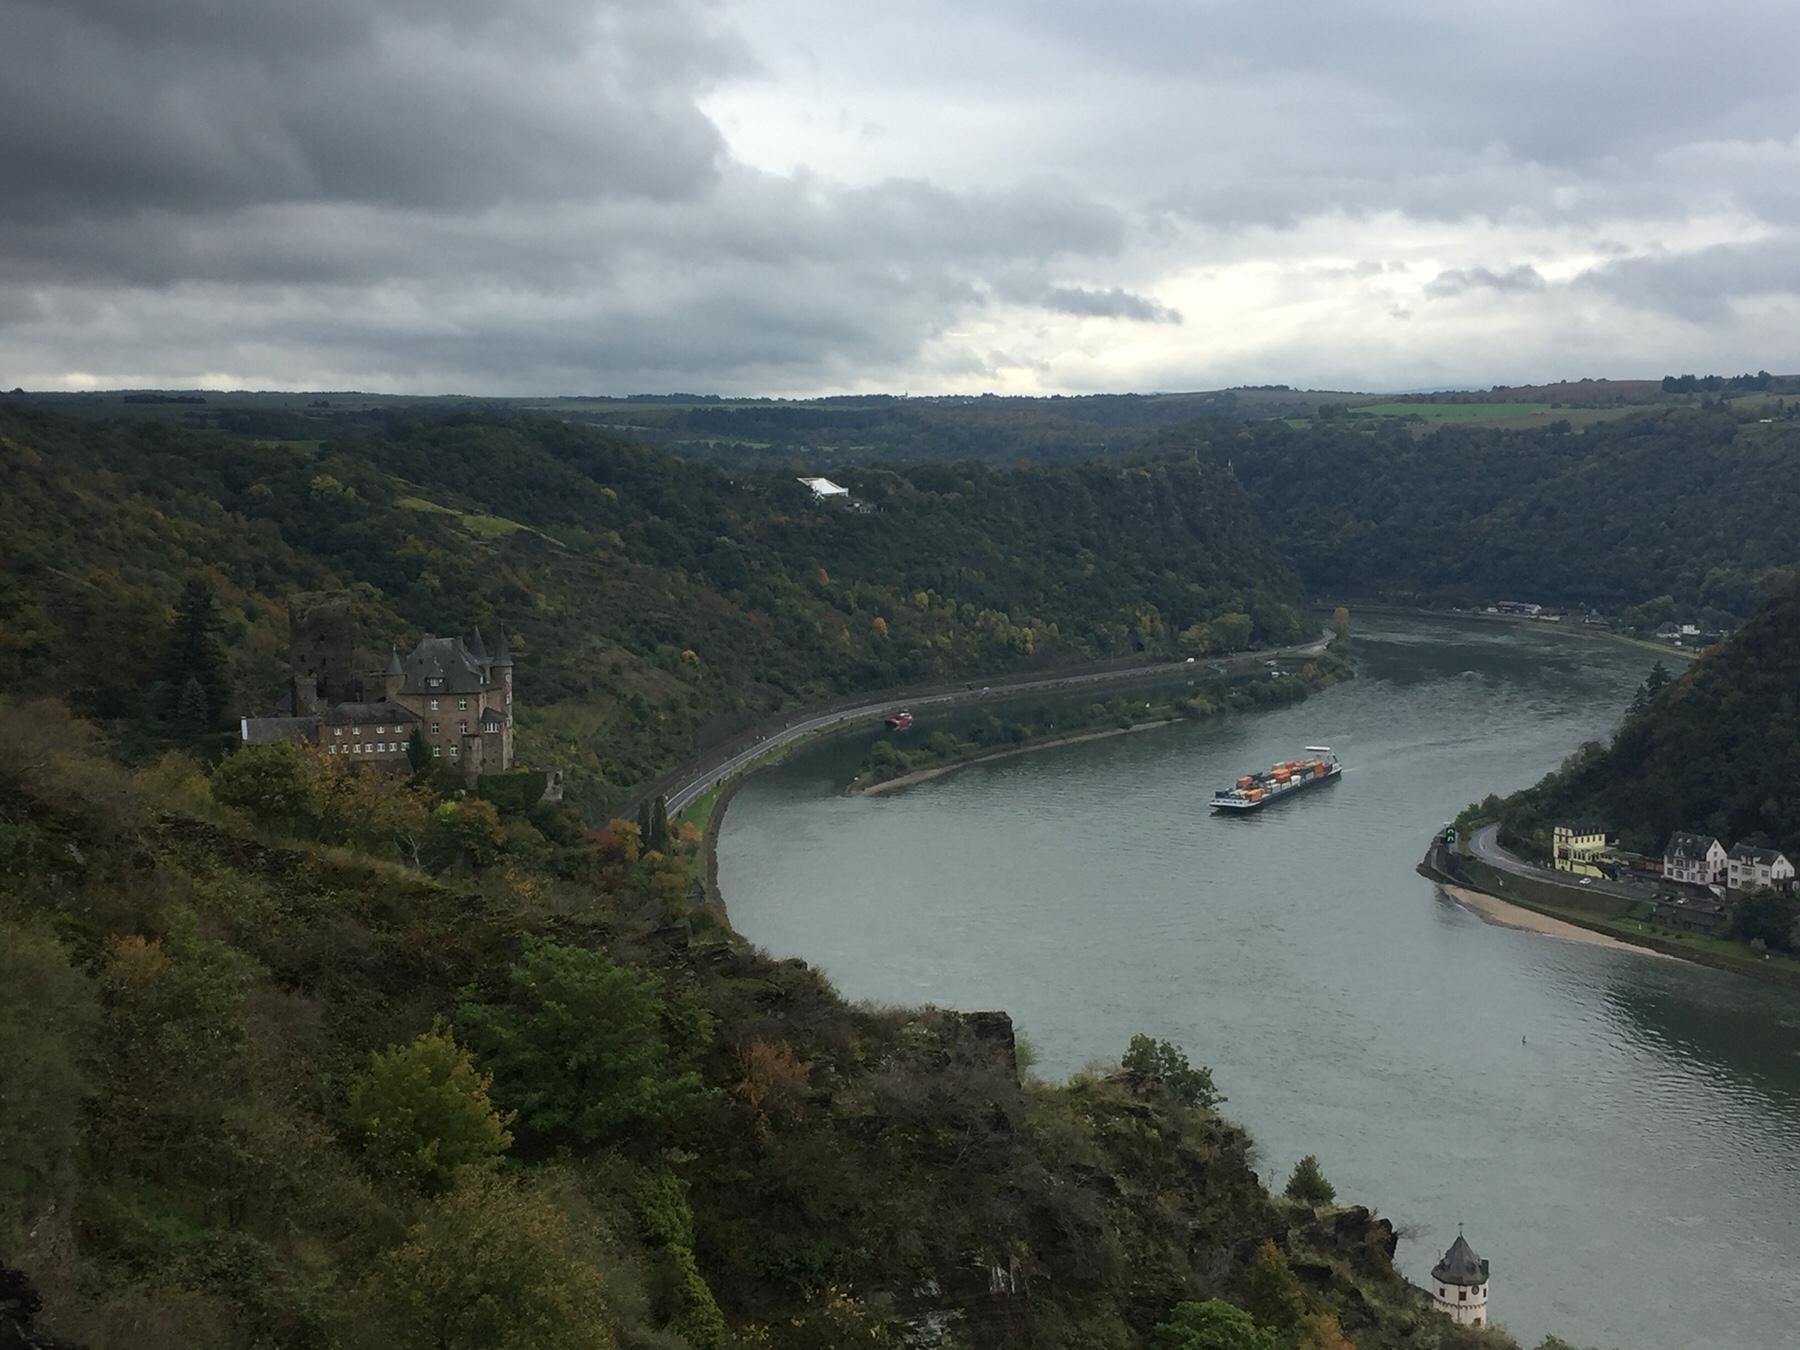 Drei-Burgen-Blick, Rheinsteig auf dem Weg nach Kaub